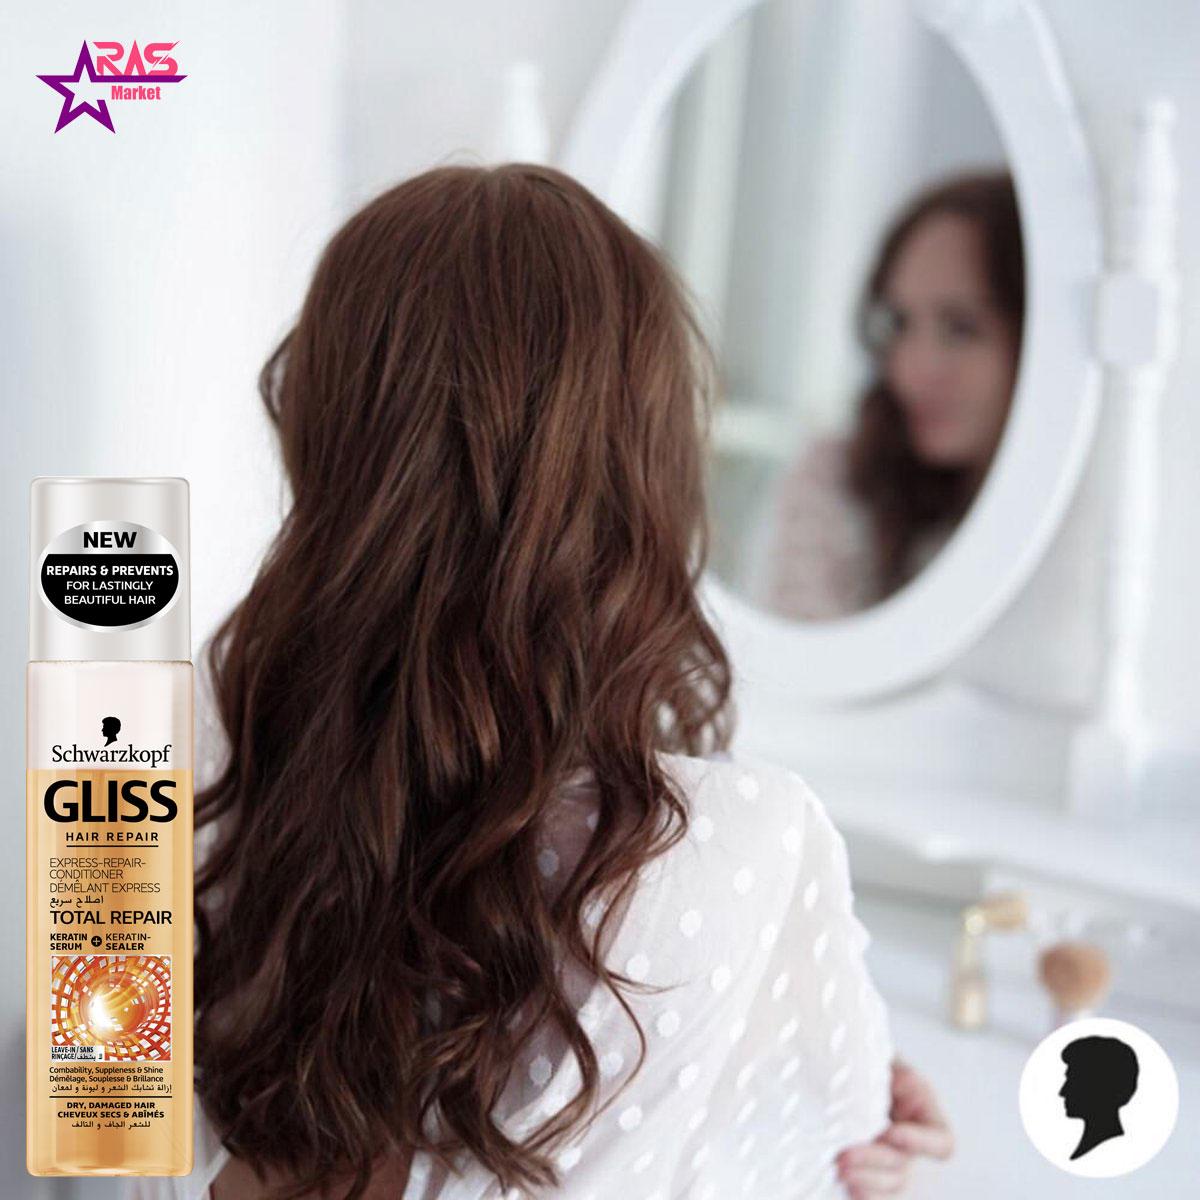 اسپری دو فاز گلیس مدل Total Repair مناسب موهای خشک و آسیب دیده 200 میلی لیتر ، خرید اینترنتی محصولات شوینده و بهداشتی ، مراقبت مو